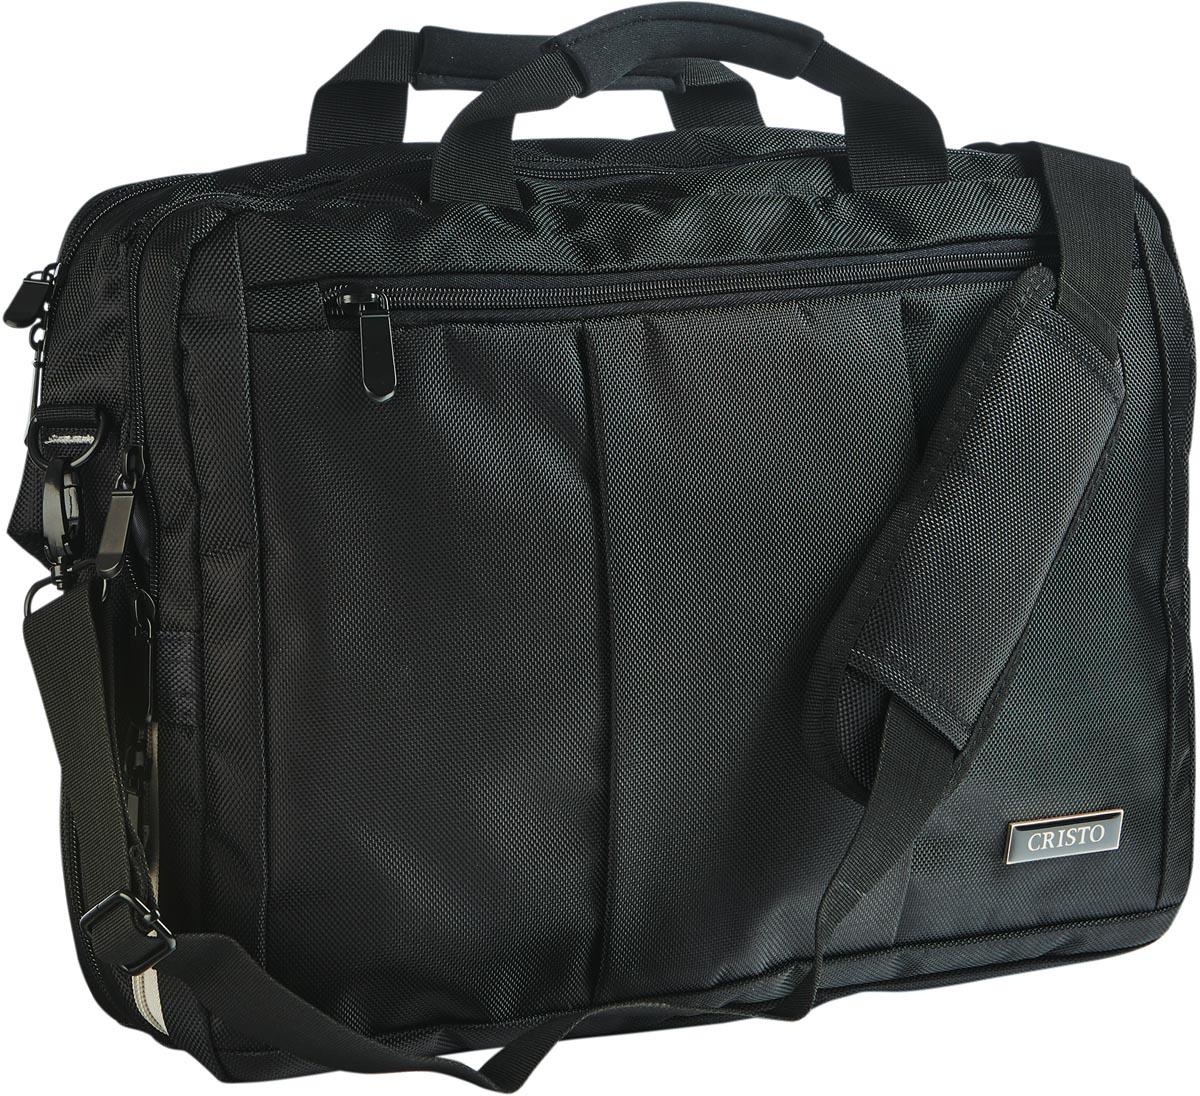 Cristo Portable laptoptas voor 15 inch laptops, 2-in-1, zwart